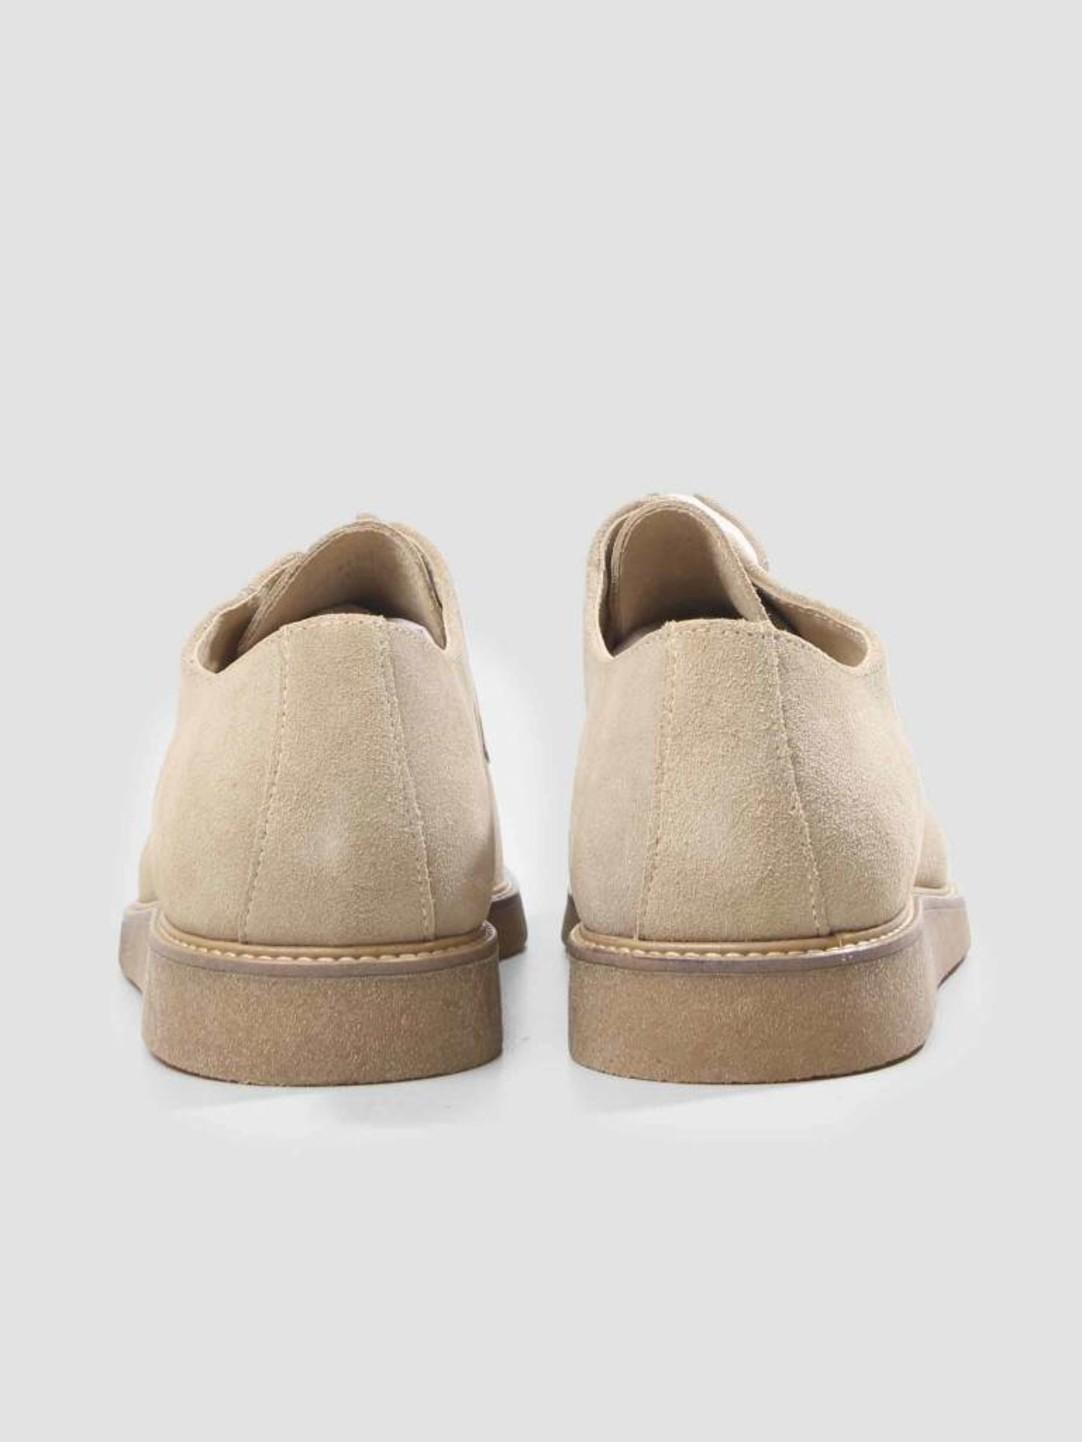 LEGENDS LEGENDS Lakewood Derby Shoes Beige  812-15-118